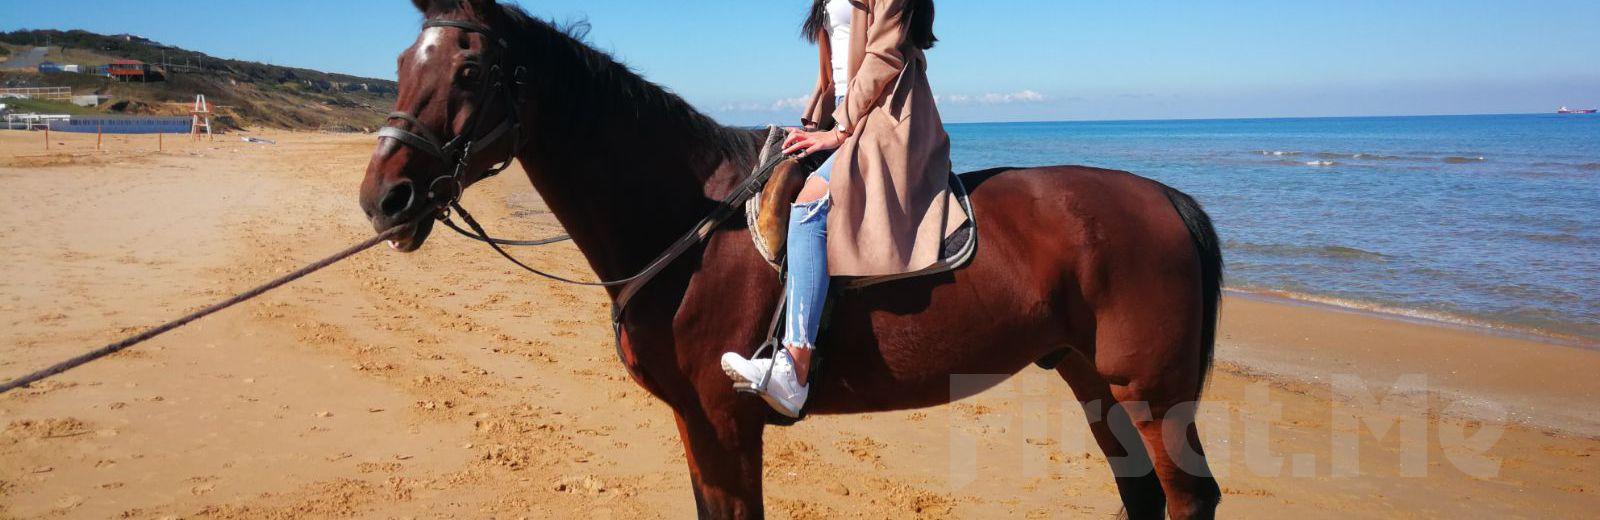 Atlı Tur'da Organik Kahvaltı Keyfi ve At İle Gezinti Seçenekleri